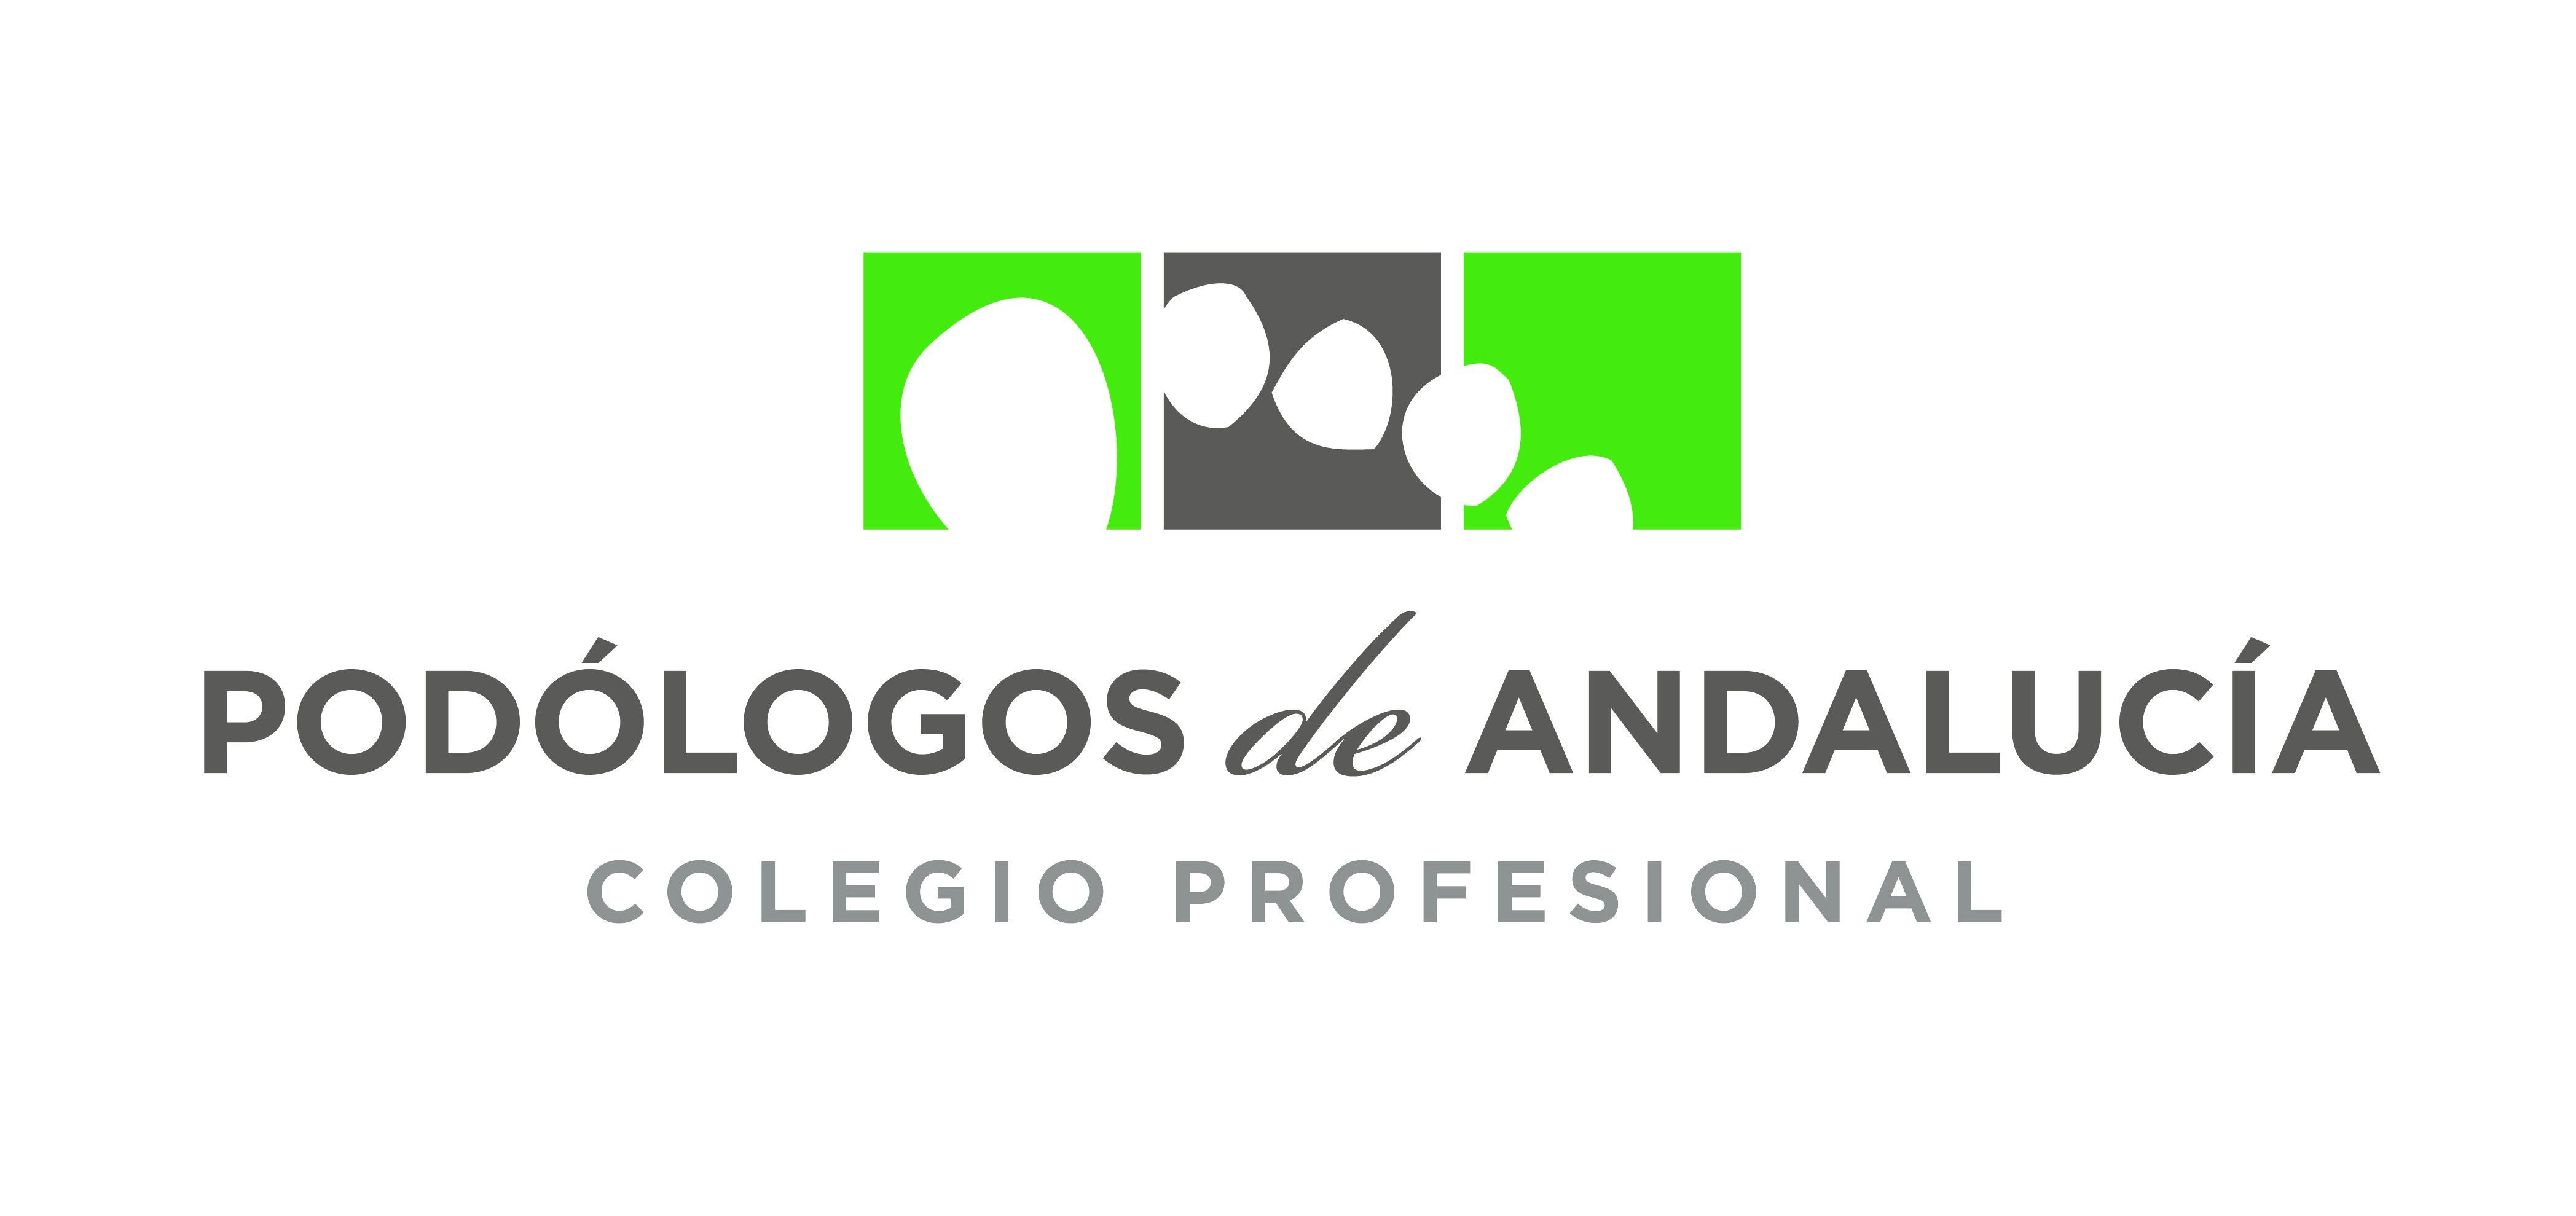 ROSARIO CORREA ASUME LA PRESIDENCIA DEL COLEGIO PROFESIONAL DE PODÓLOGOS DE ANDALUCÍA CON LAURA TORRES COMO VOCAL DE CÁDIZ